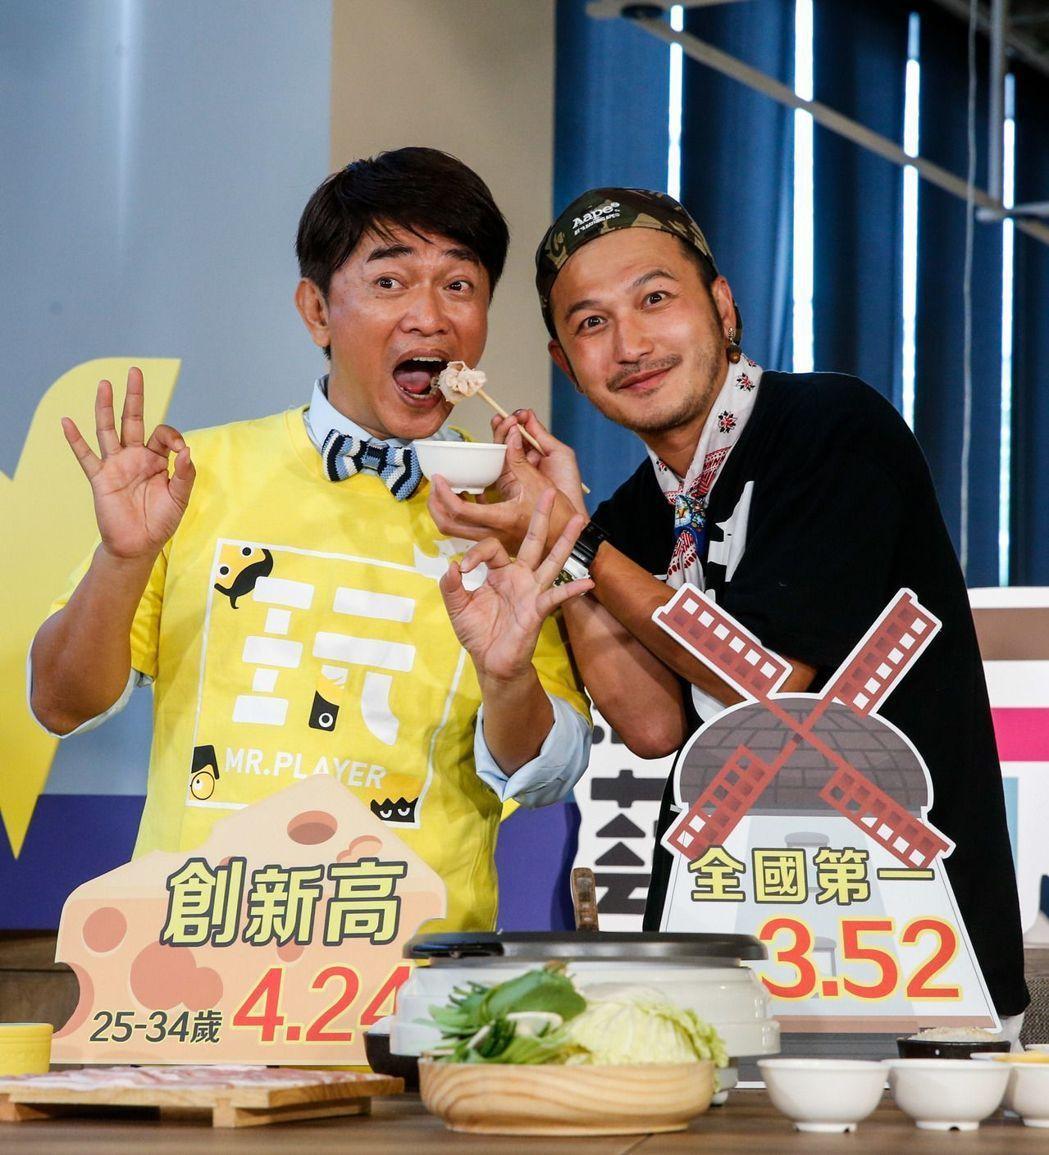 吳宗憲和Kid搭檔的「綜藝玩很大」入圍今年金鐘。 圖/聯合報系資料照